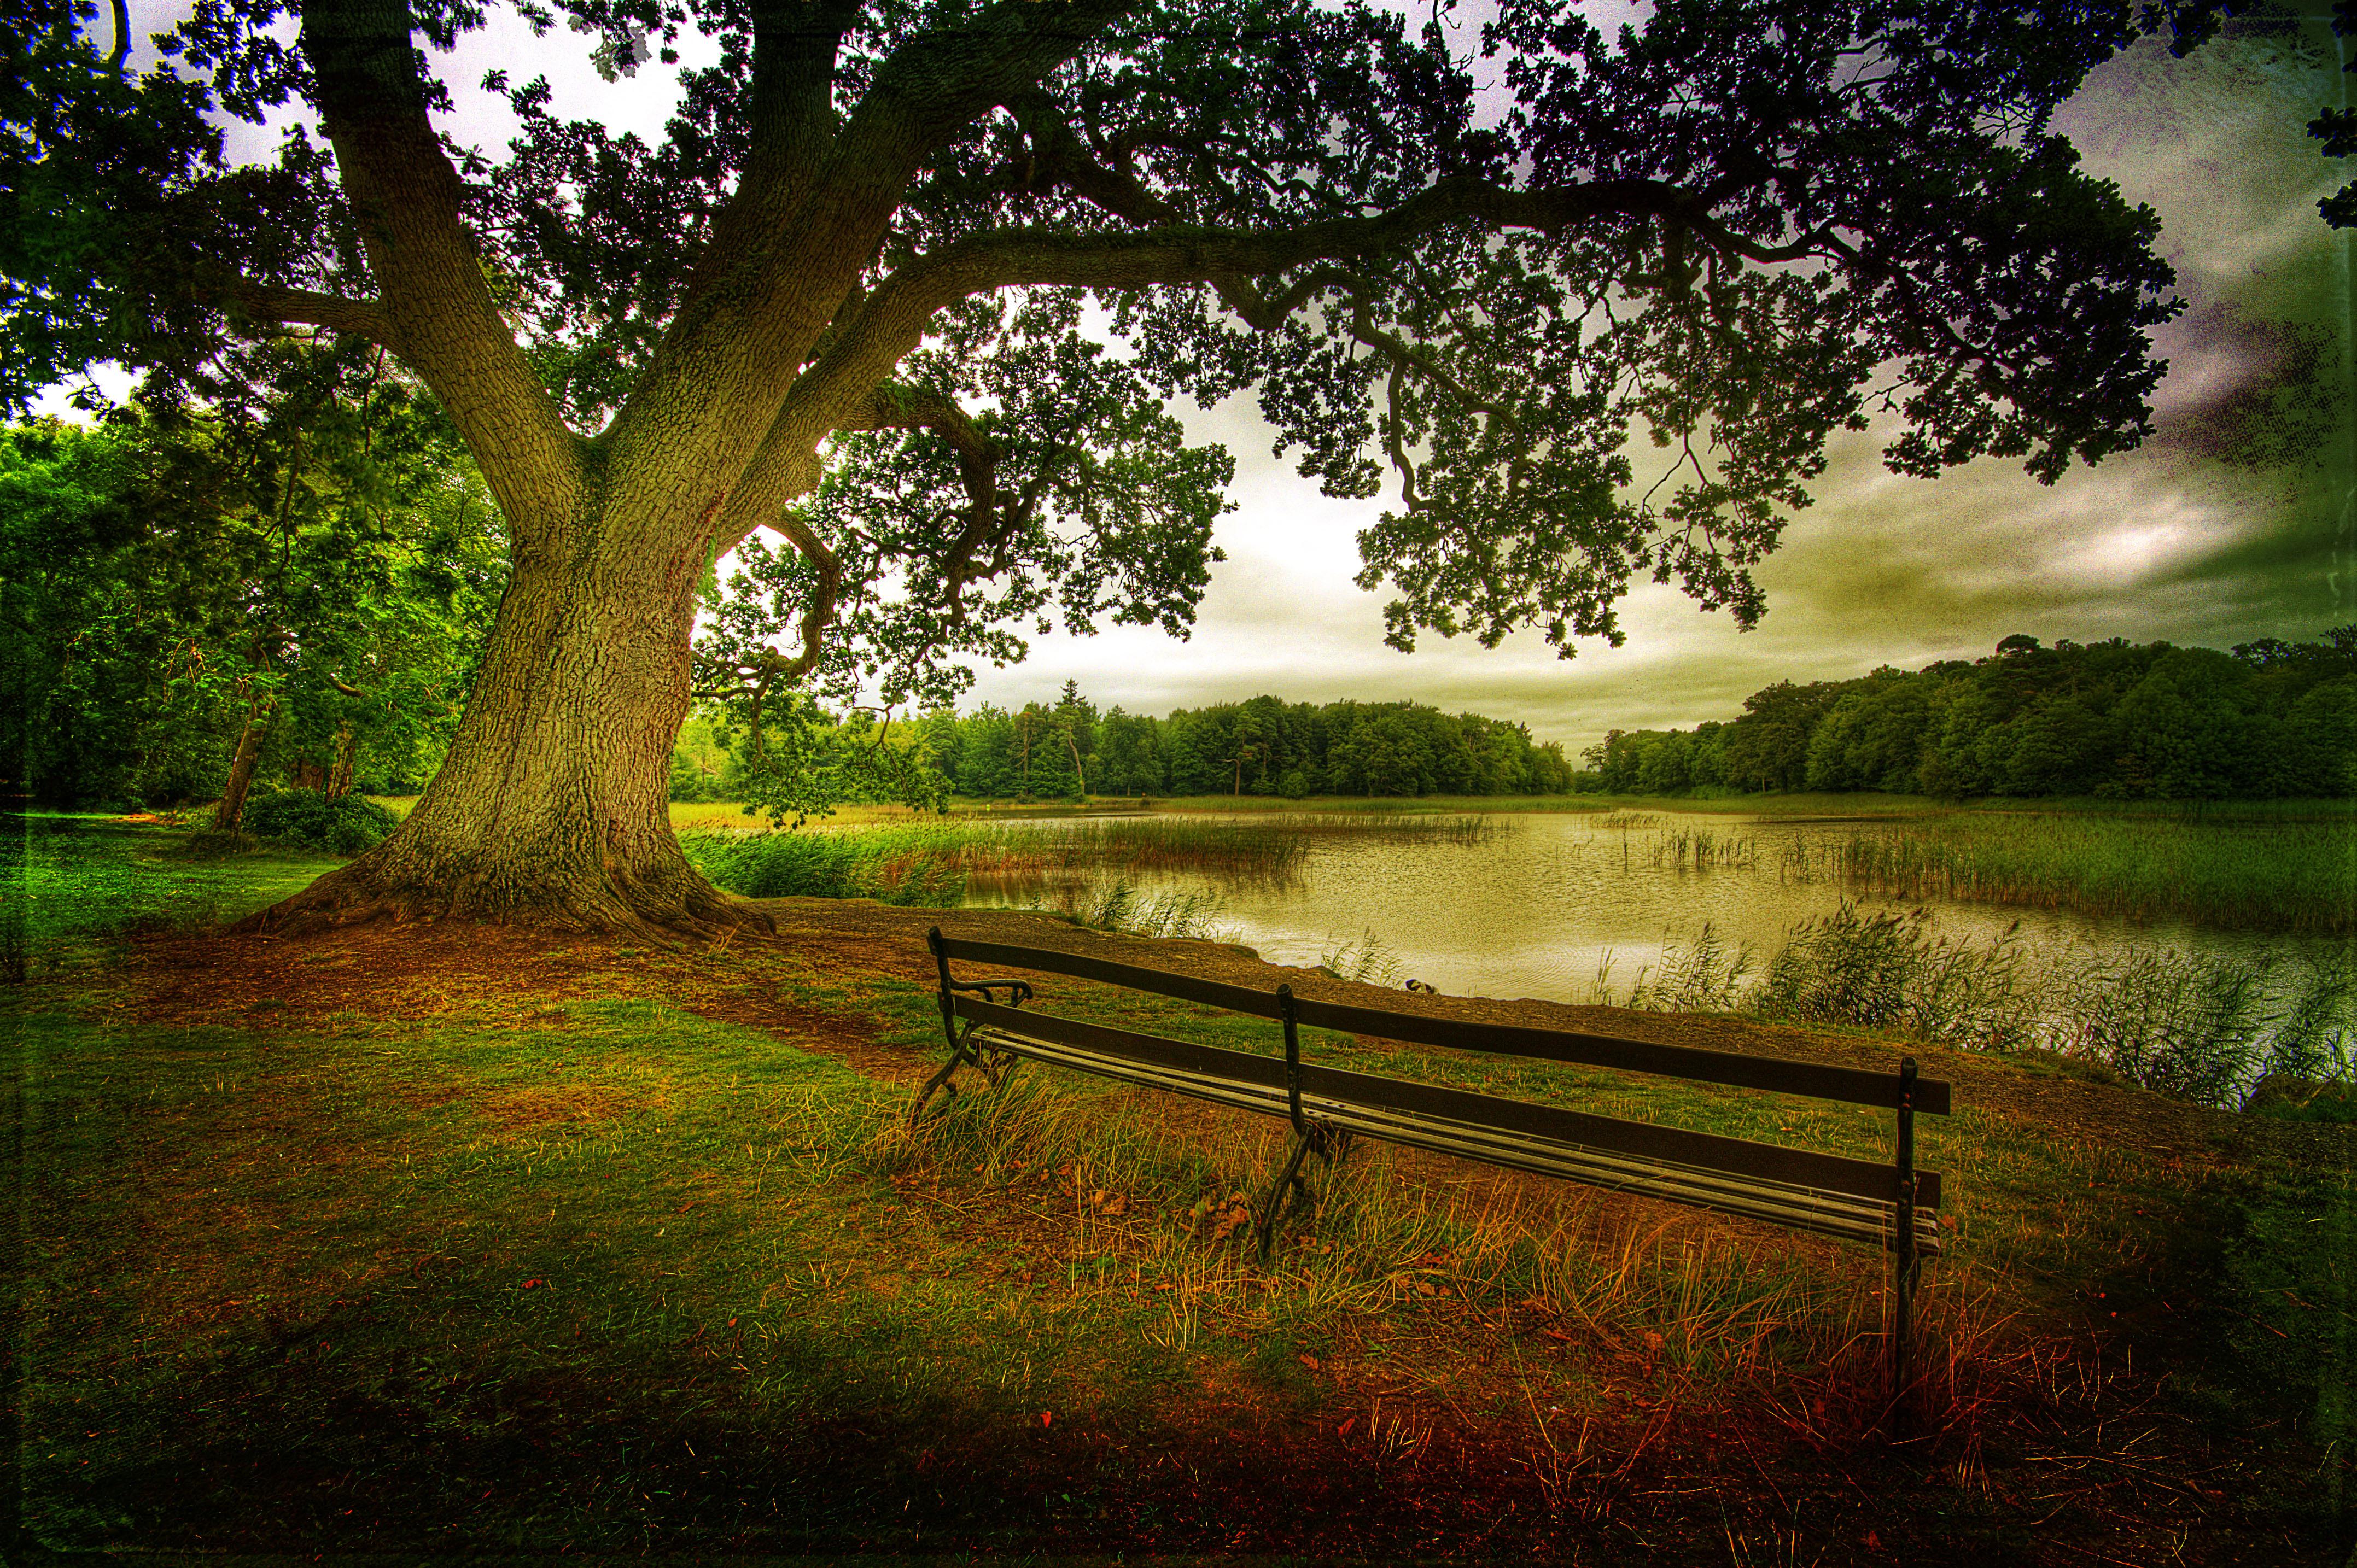 накренившееся над речкой дерево  № 1217018 без смс